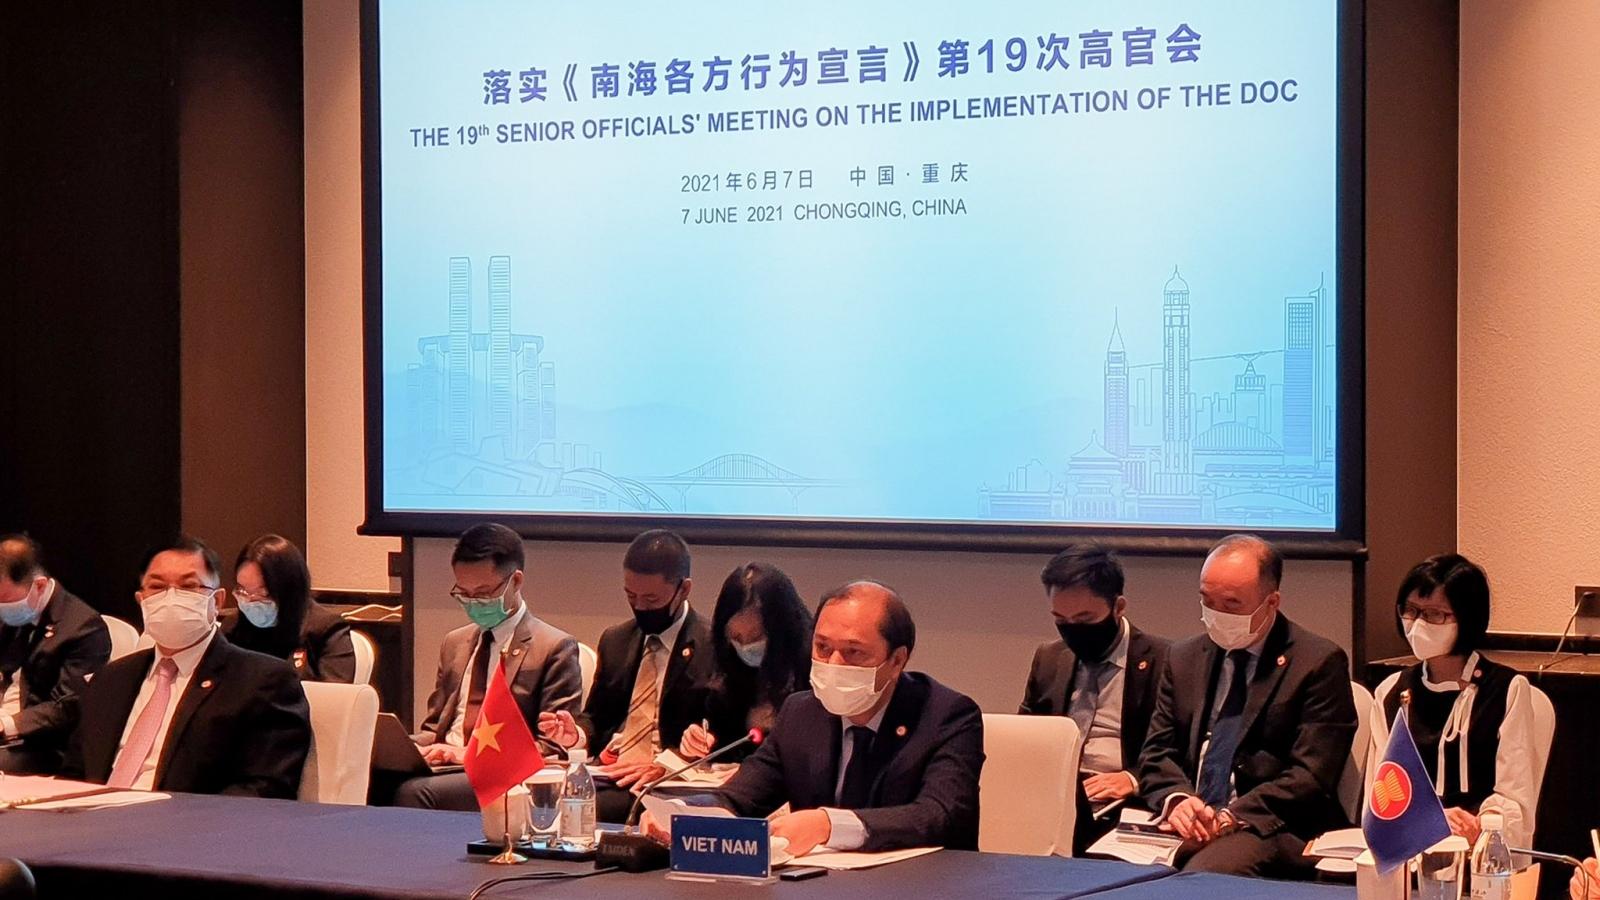 ASEAN và Trung Quốc cam kết thực hiện nghiêm túc và hiệu quả DOC